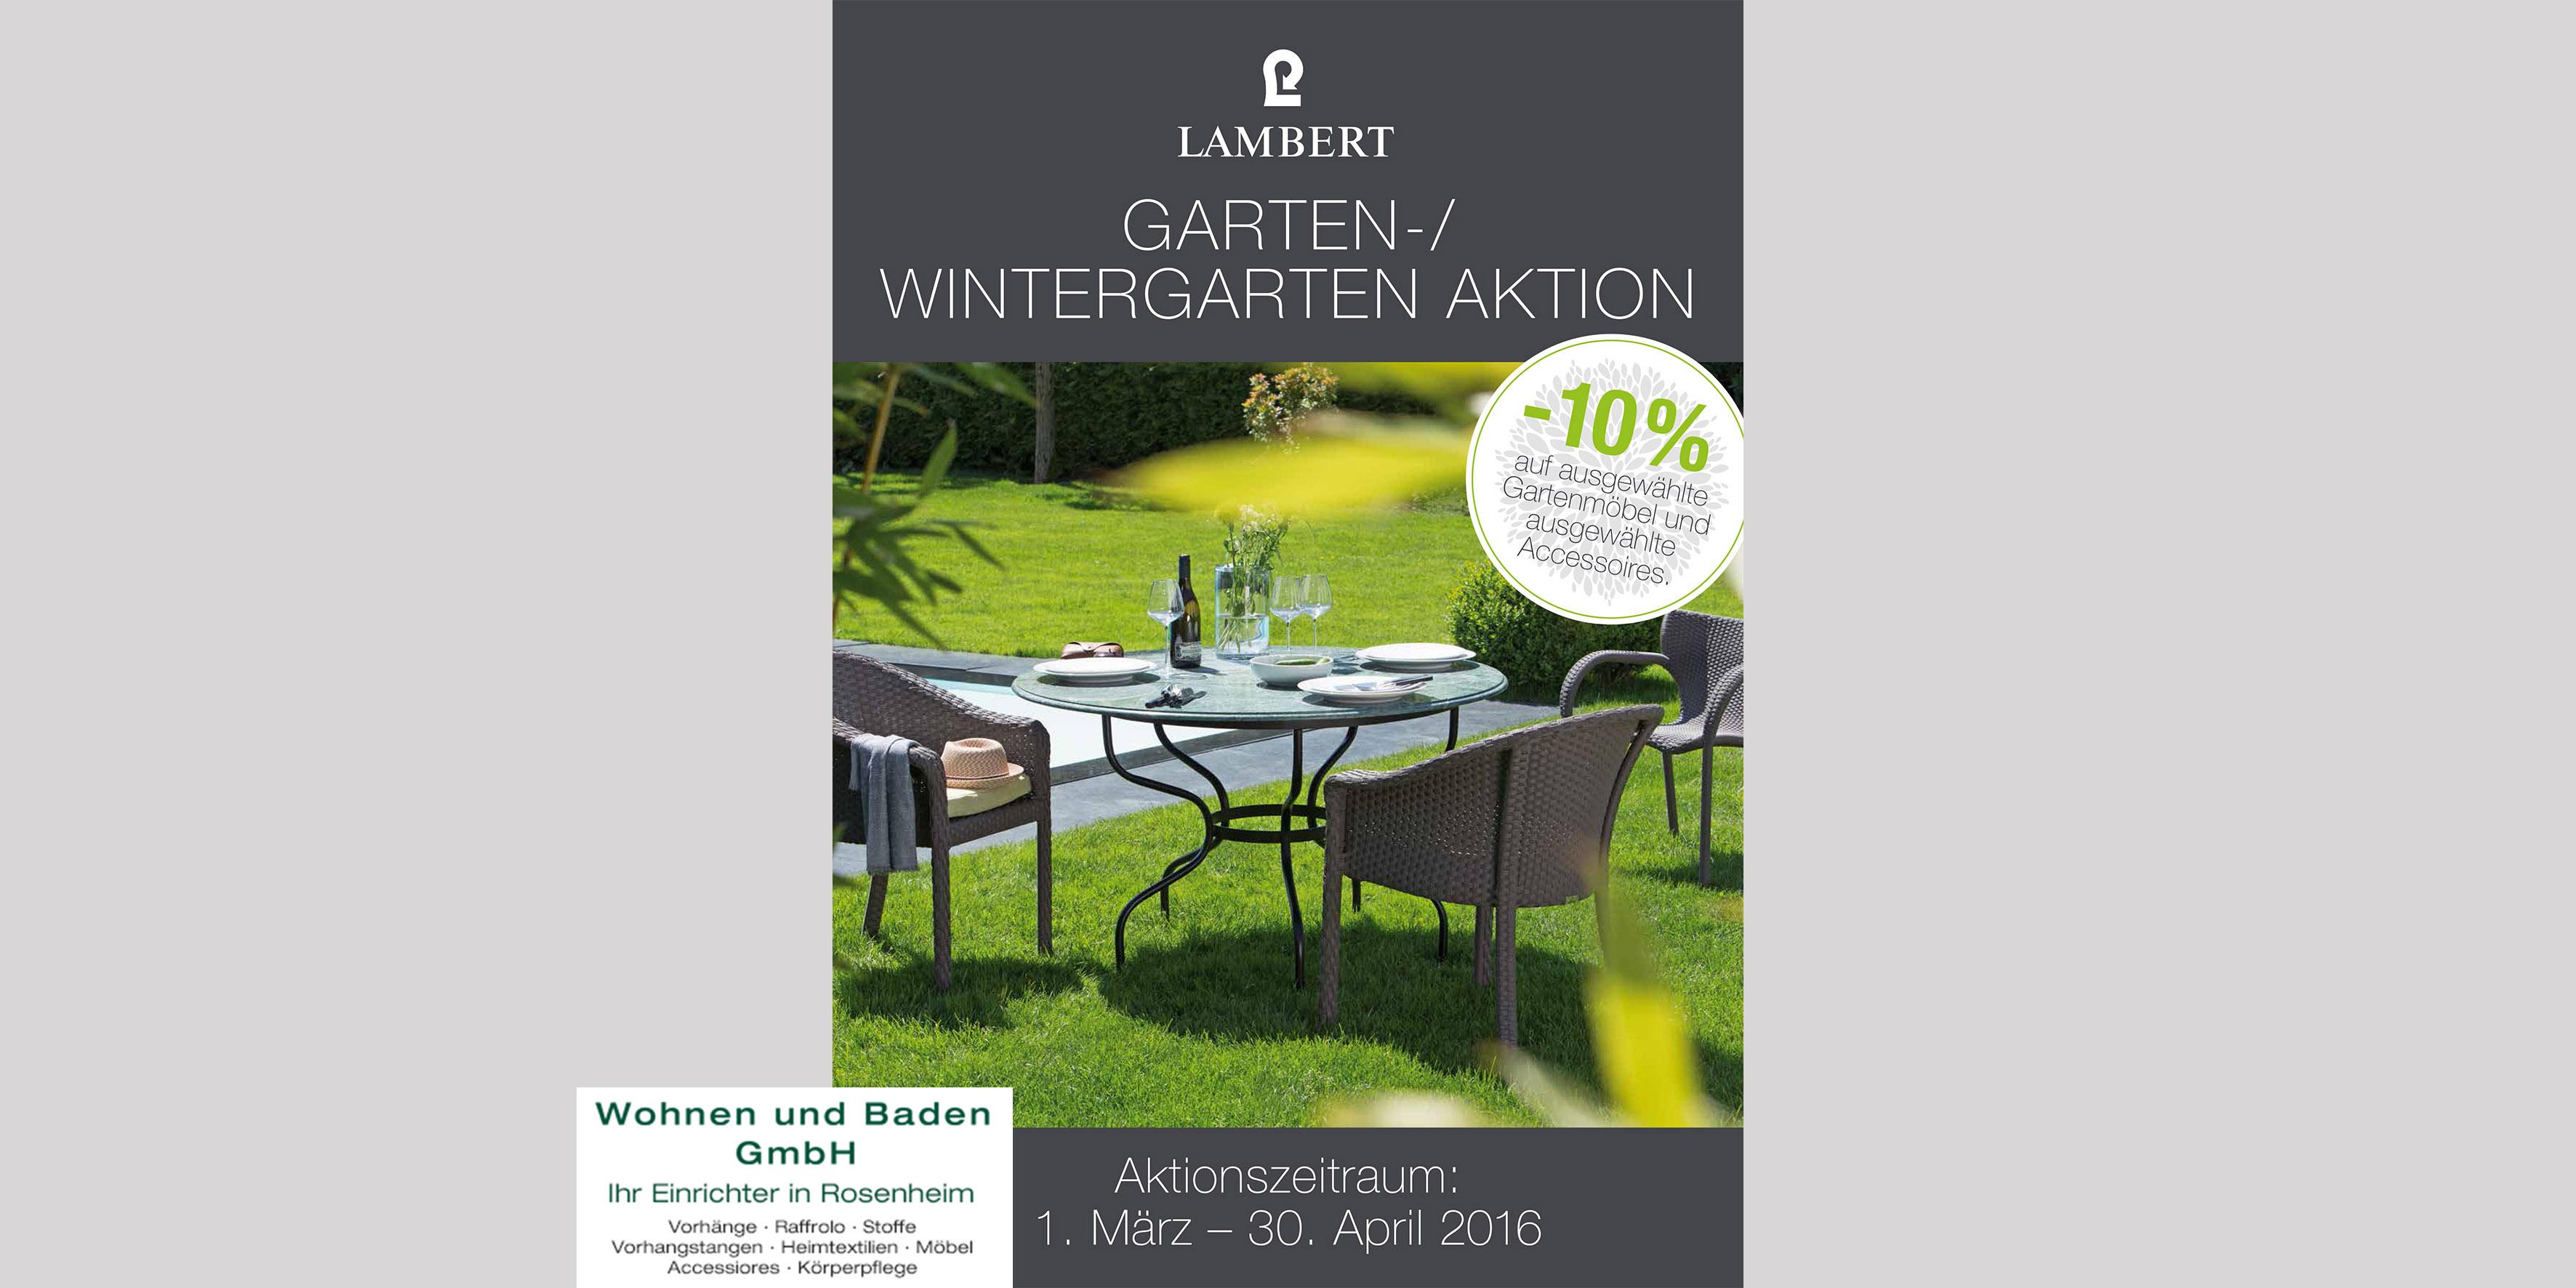 Lambert Gartenmöbel 10 auf ausgewählte gartenmöbel und accessoires lambert